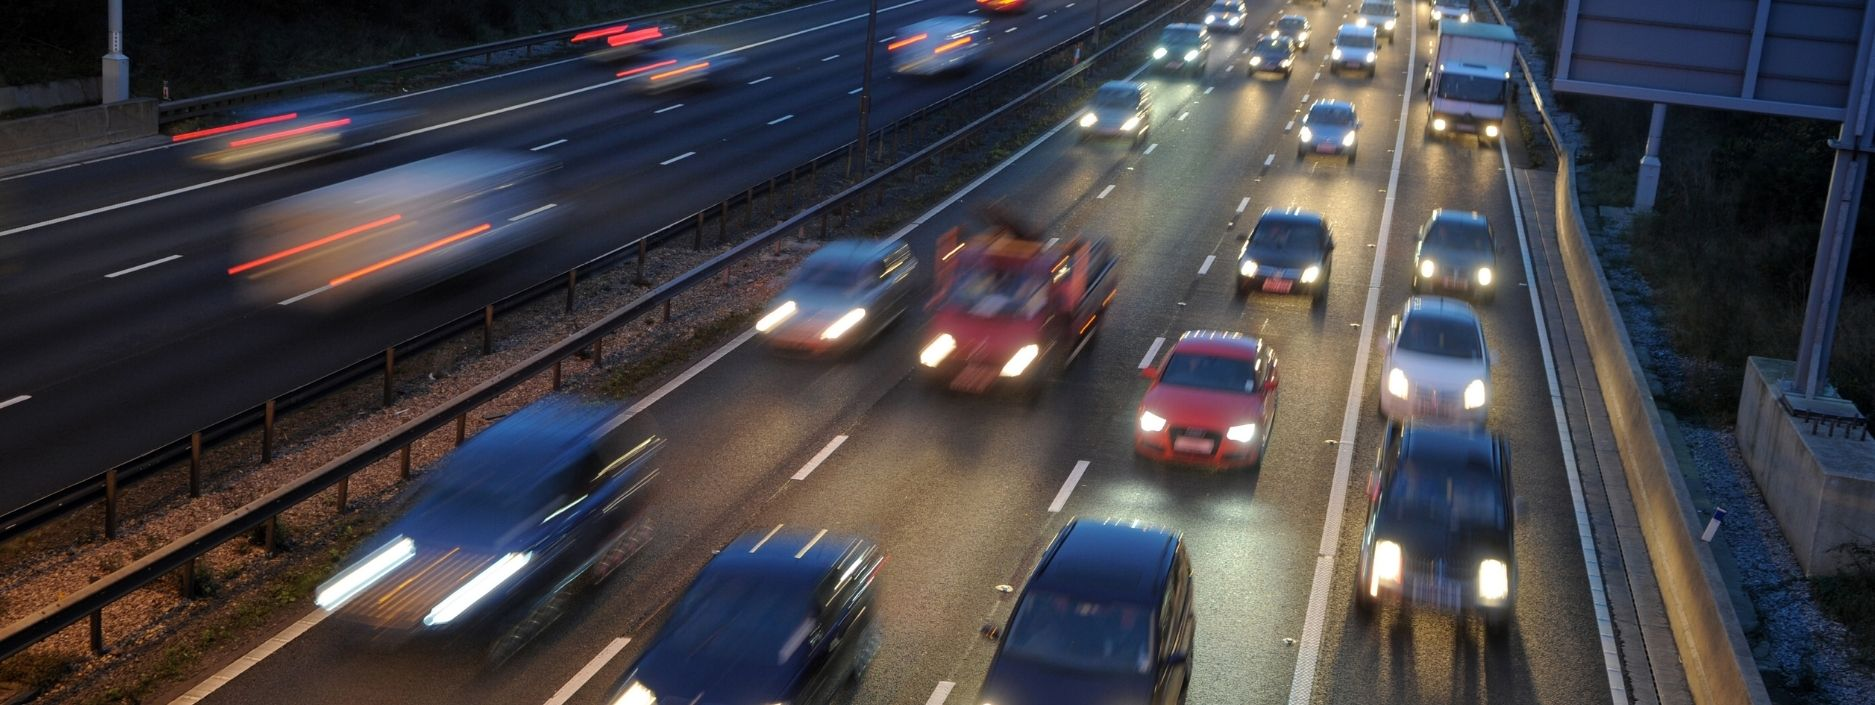 Cars driving at night